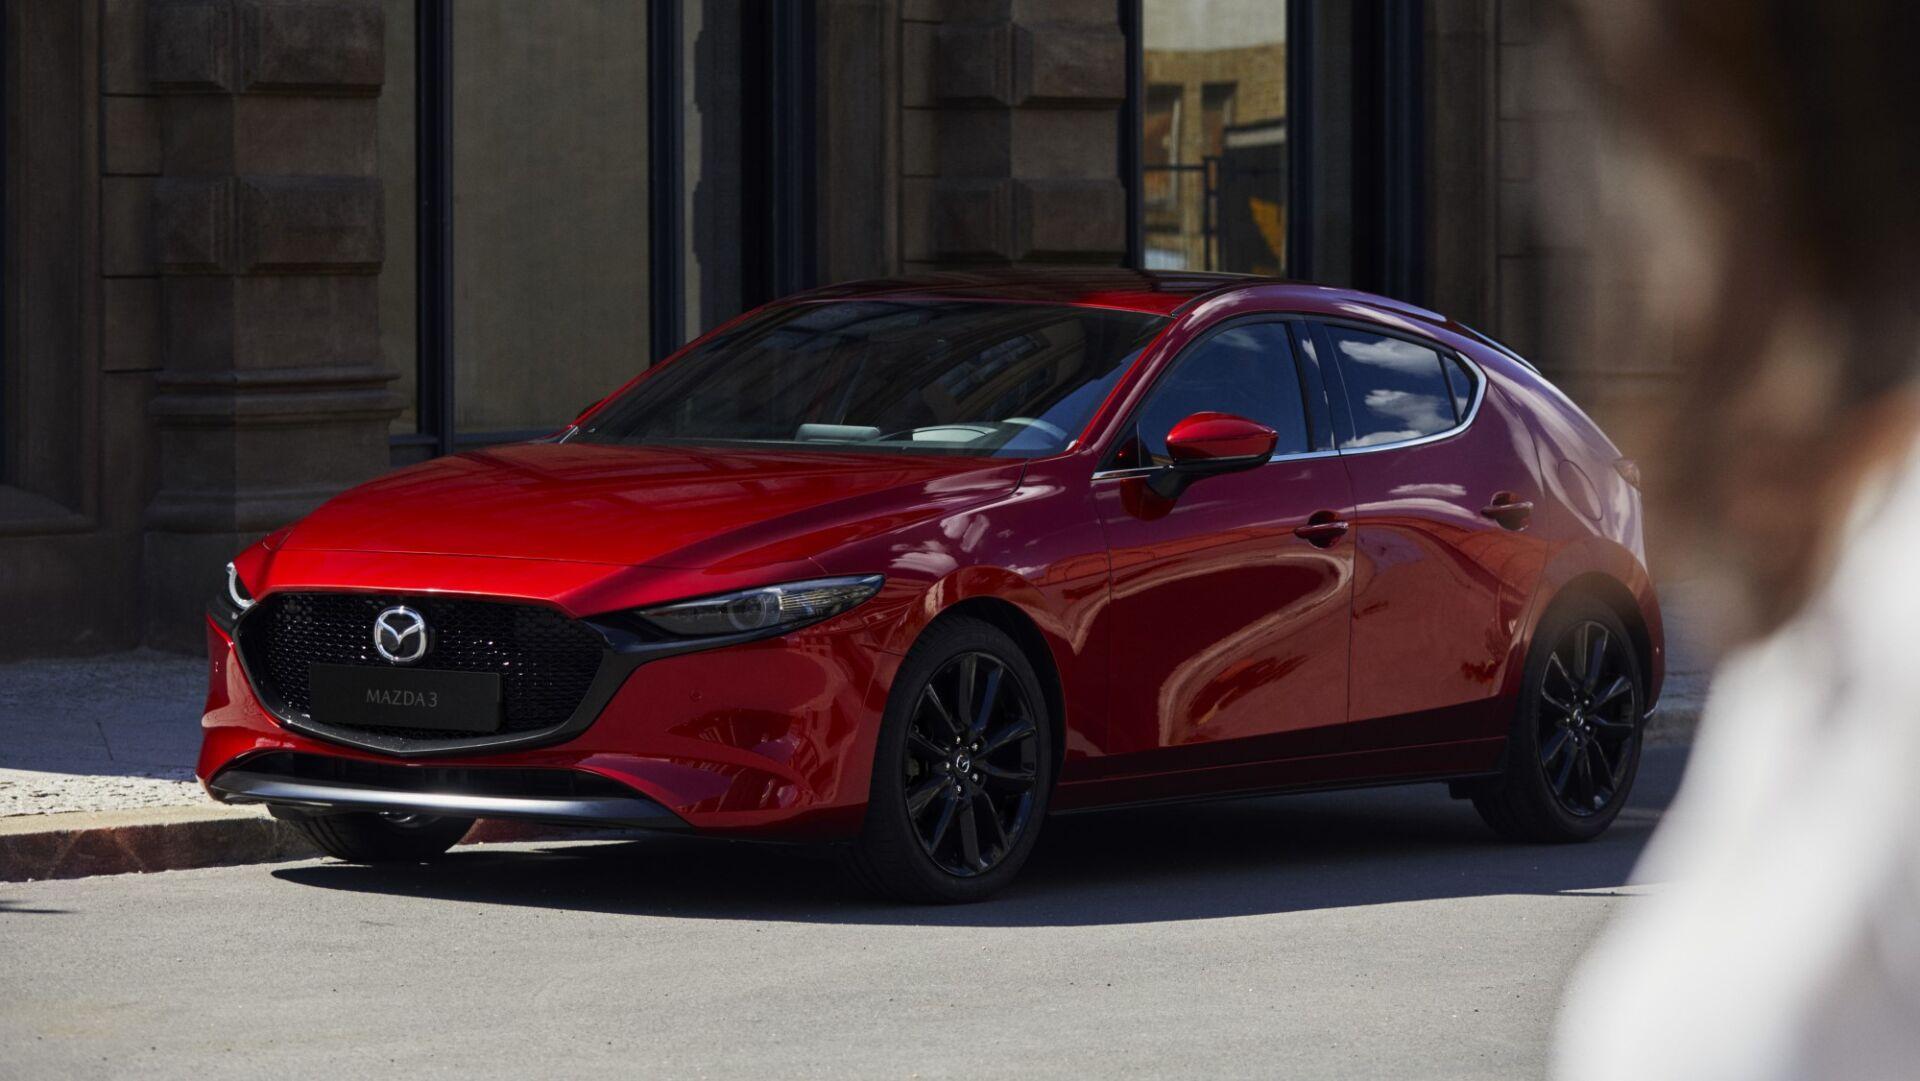 Mazda3 lọt top 10 xe bán chạy nhất trong tháng 1 tại Việt Nam